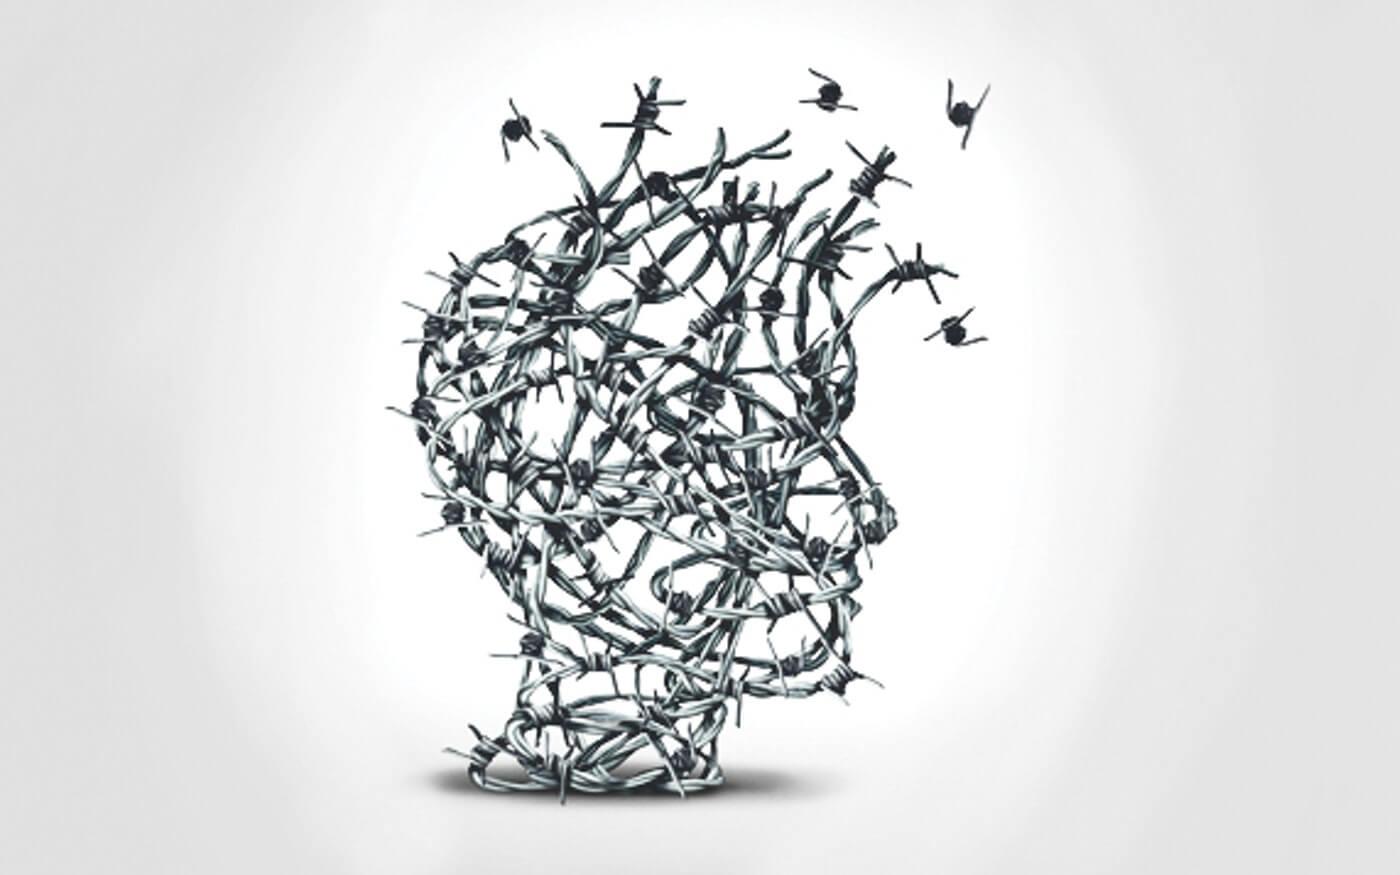 Despre relații, etichete și oameni traumatizați 1